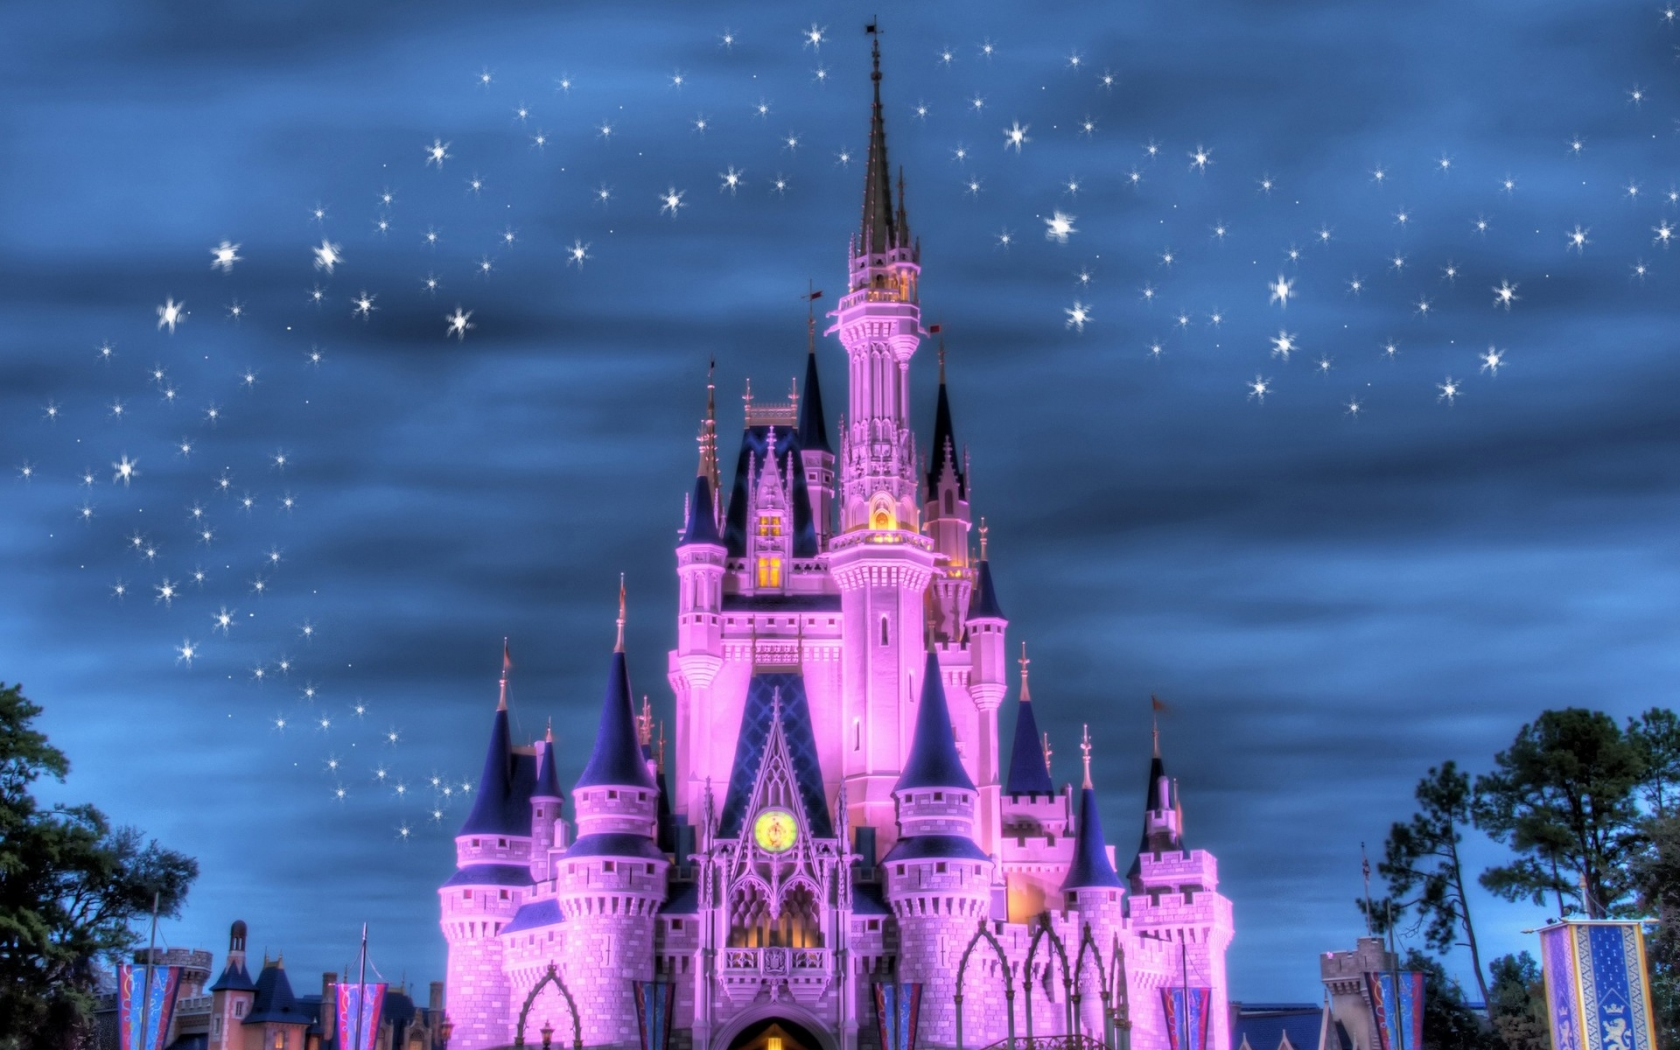 Castillos de princesas de Disney - Imagui